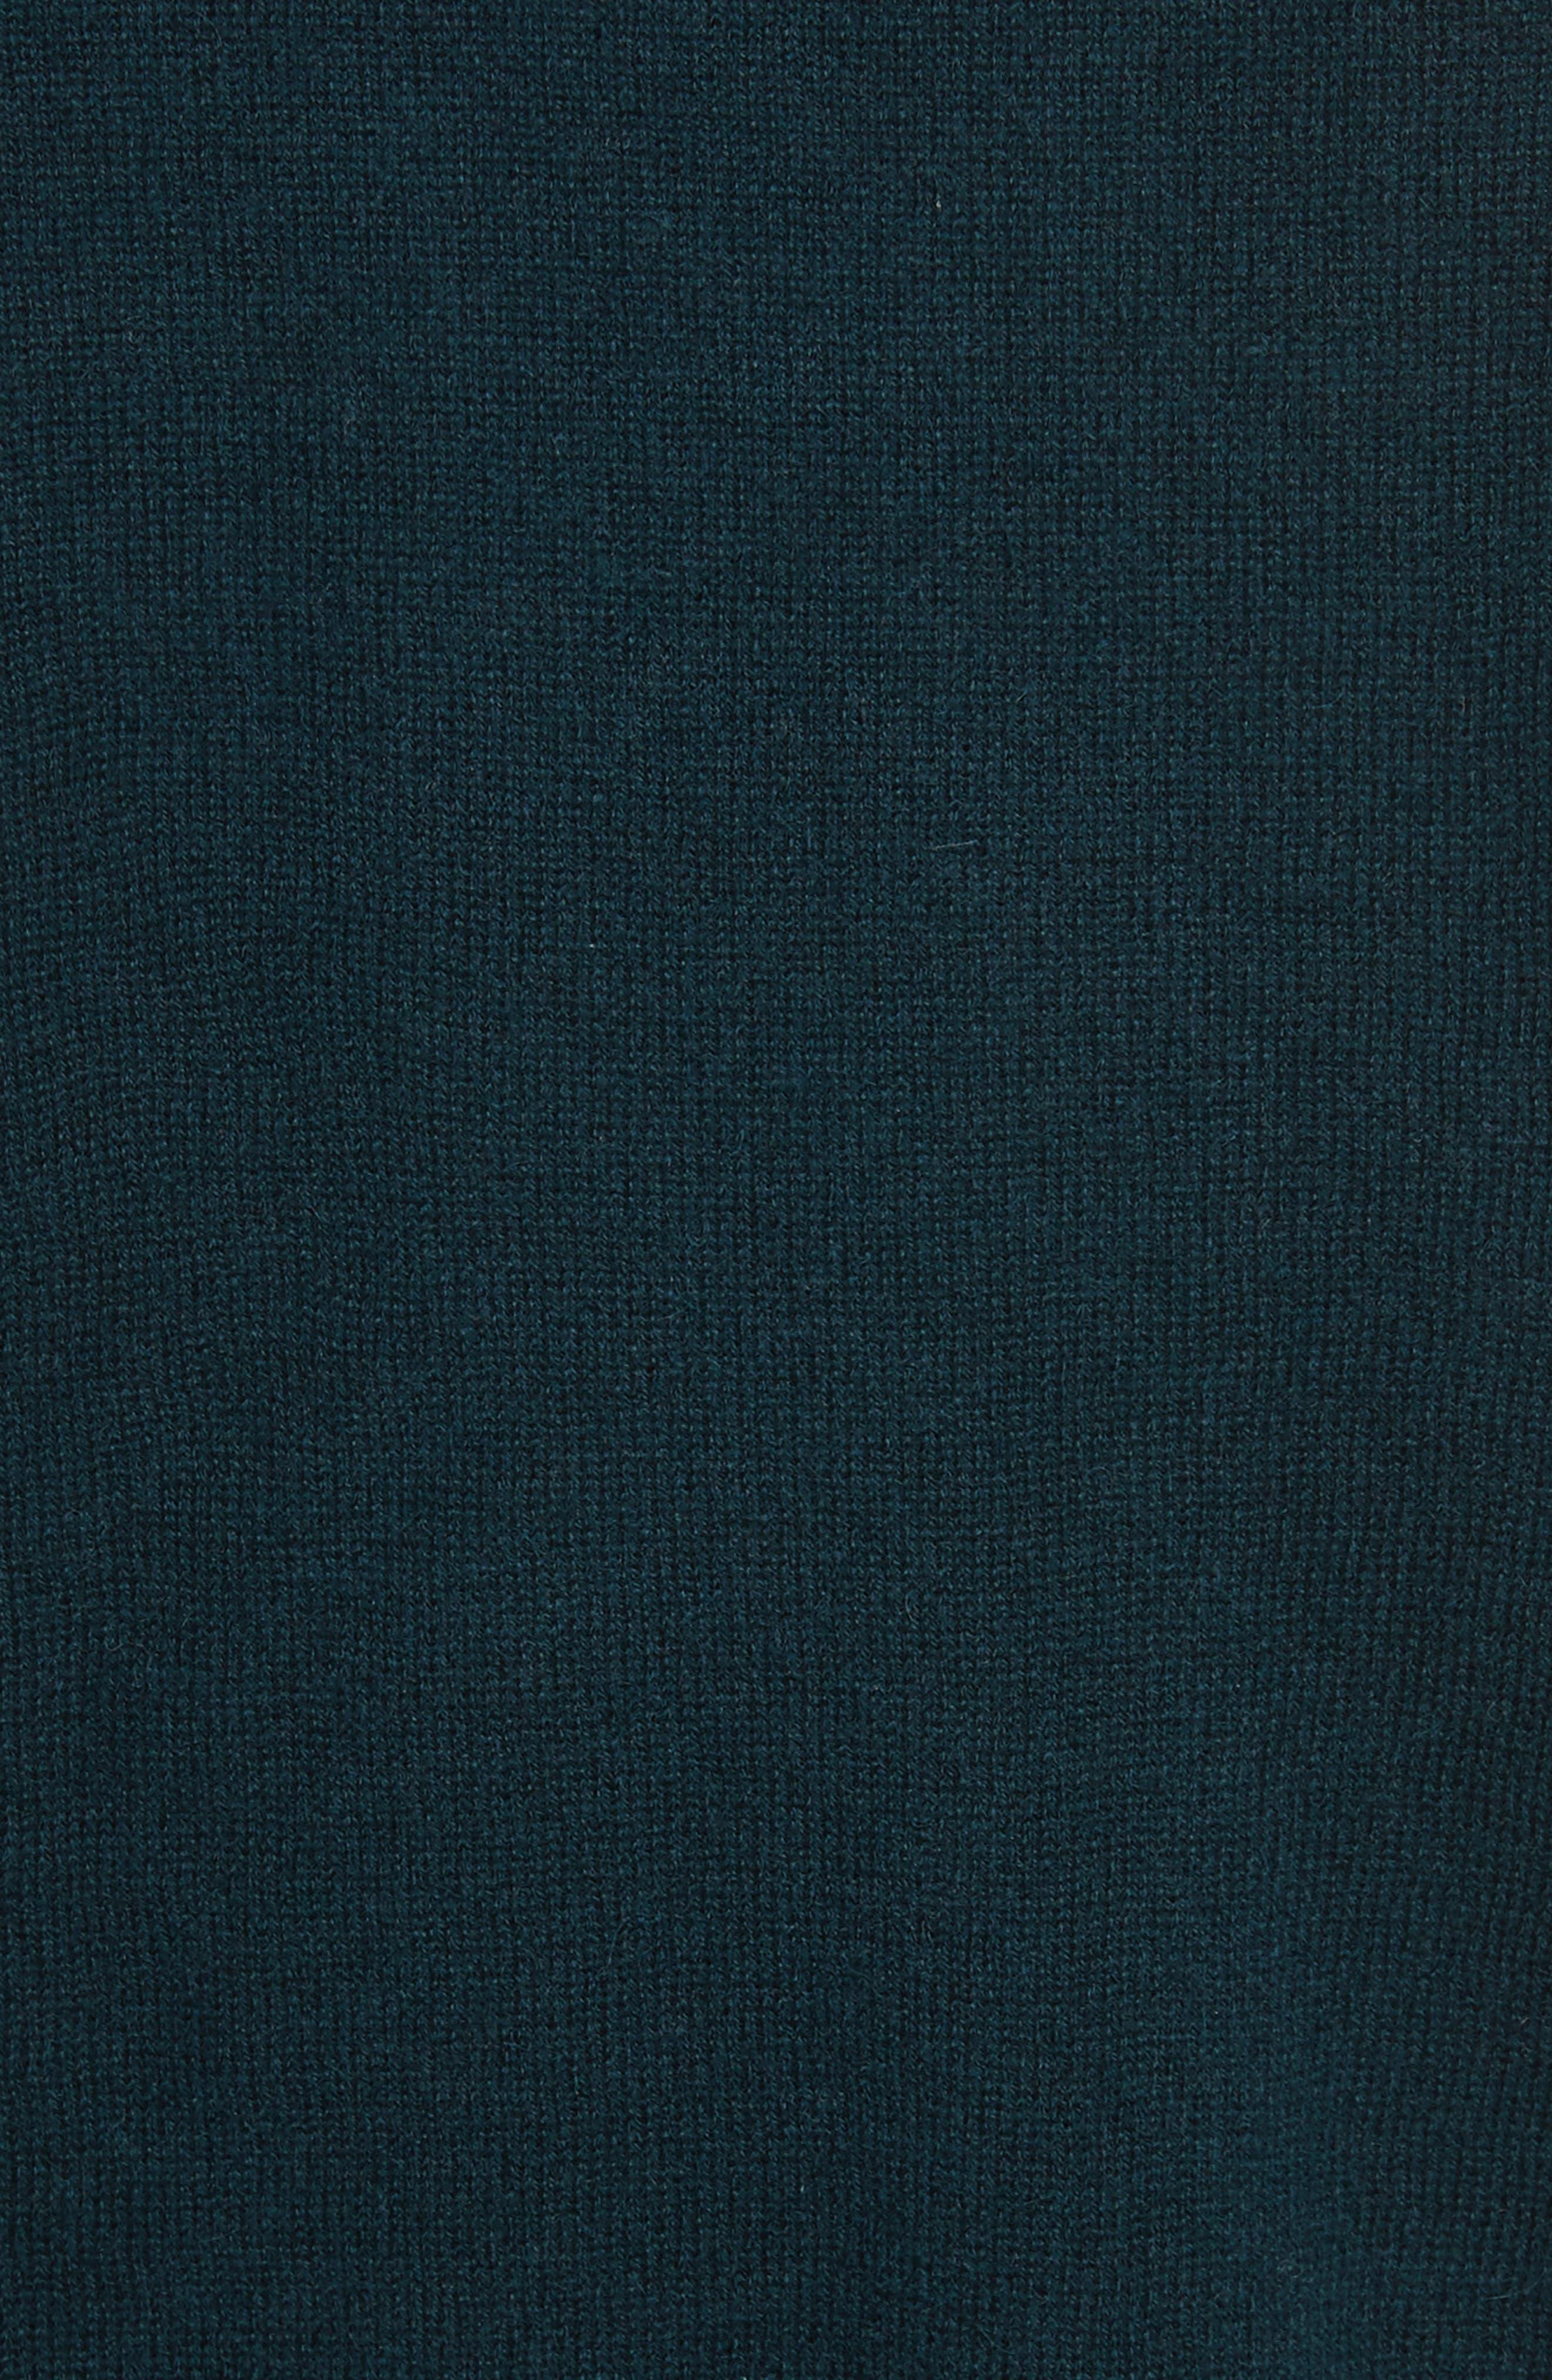 Cashmere Slash Boyfriend Sweater,                             Alternate thumbnail 5, color,                             232